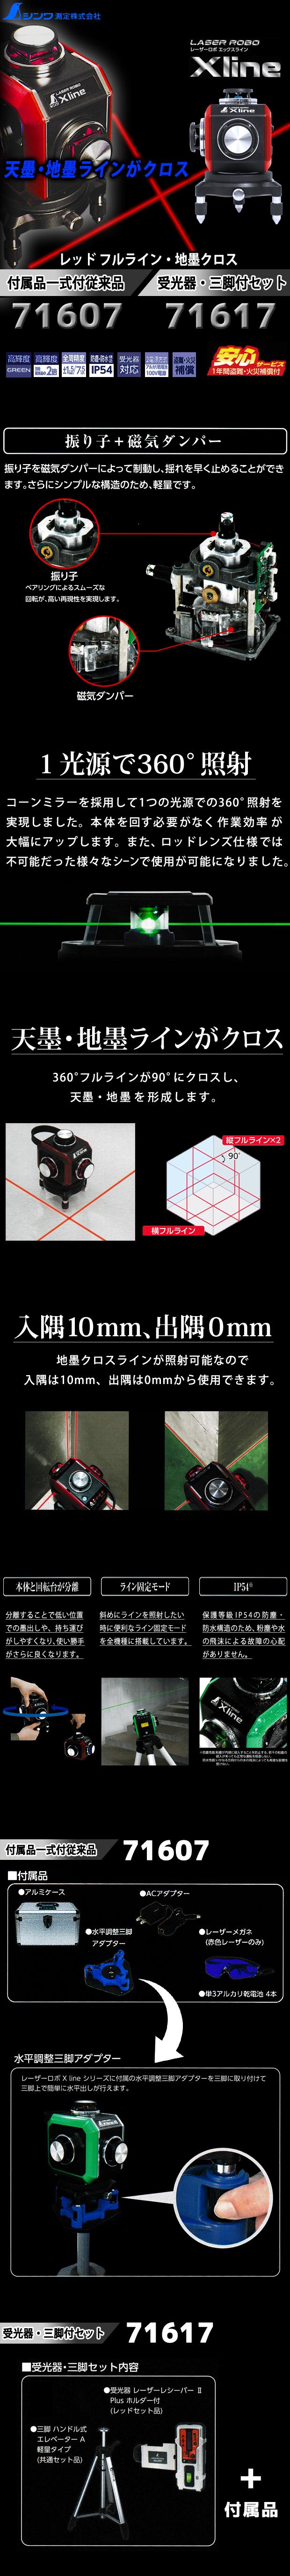 シンワ 振り子式墨出器 レーザーロボ X line レッド